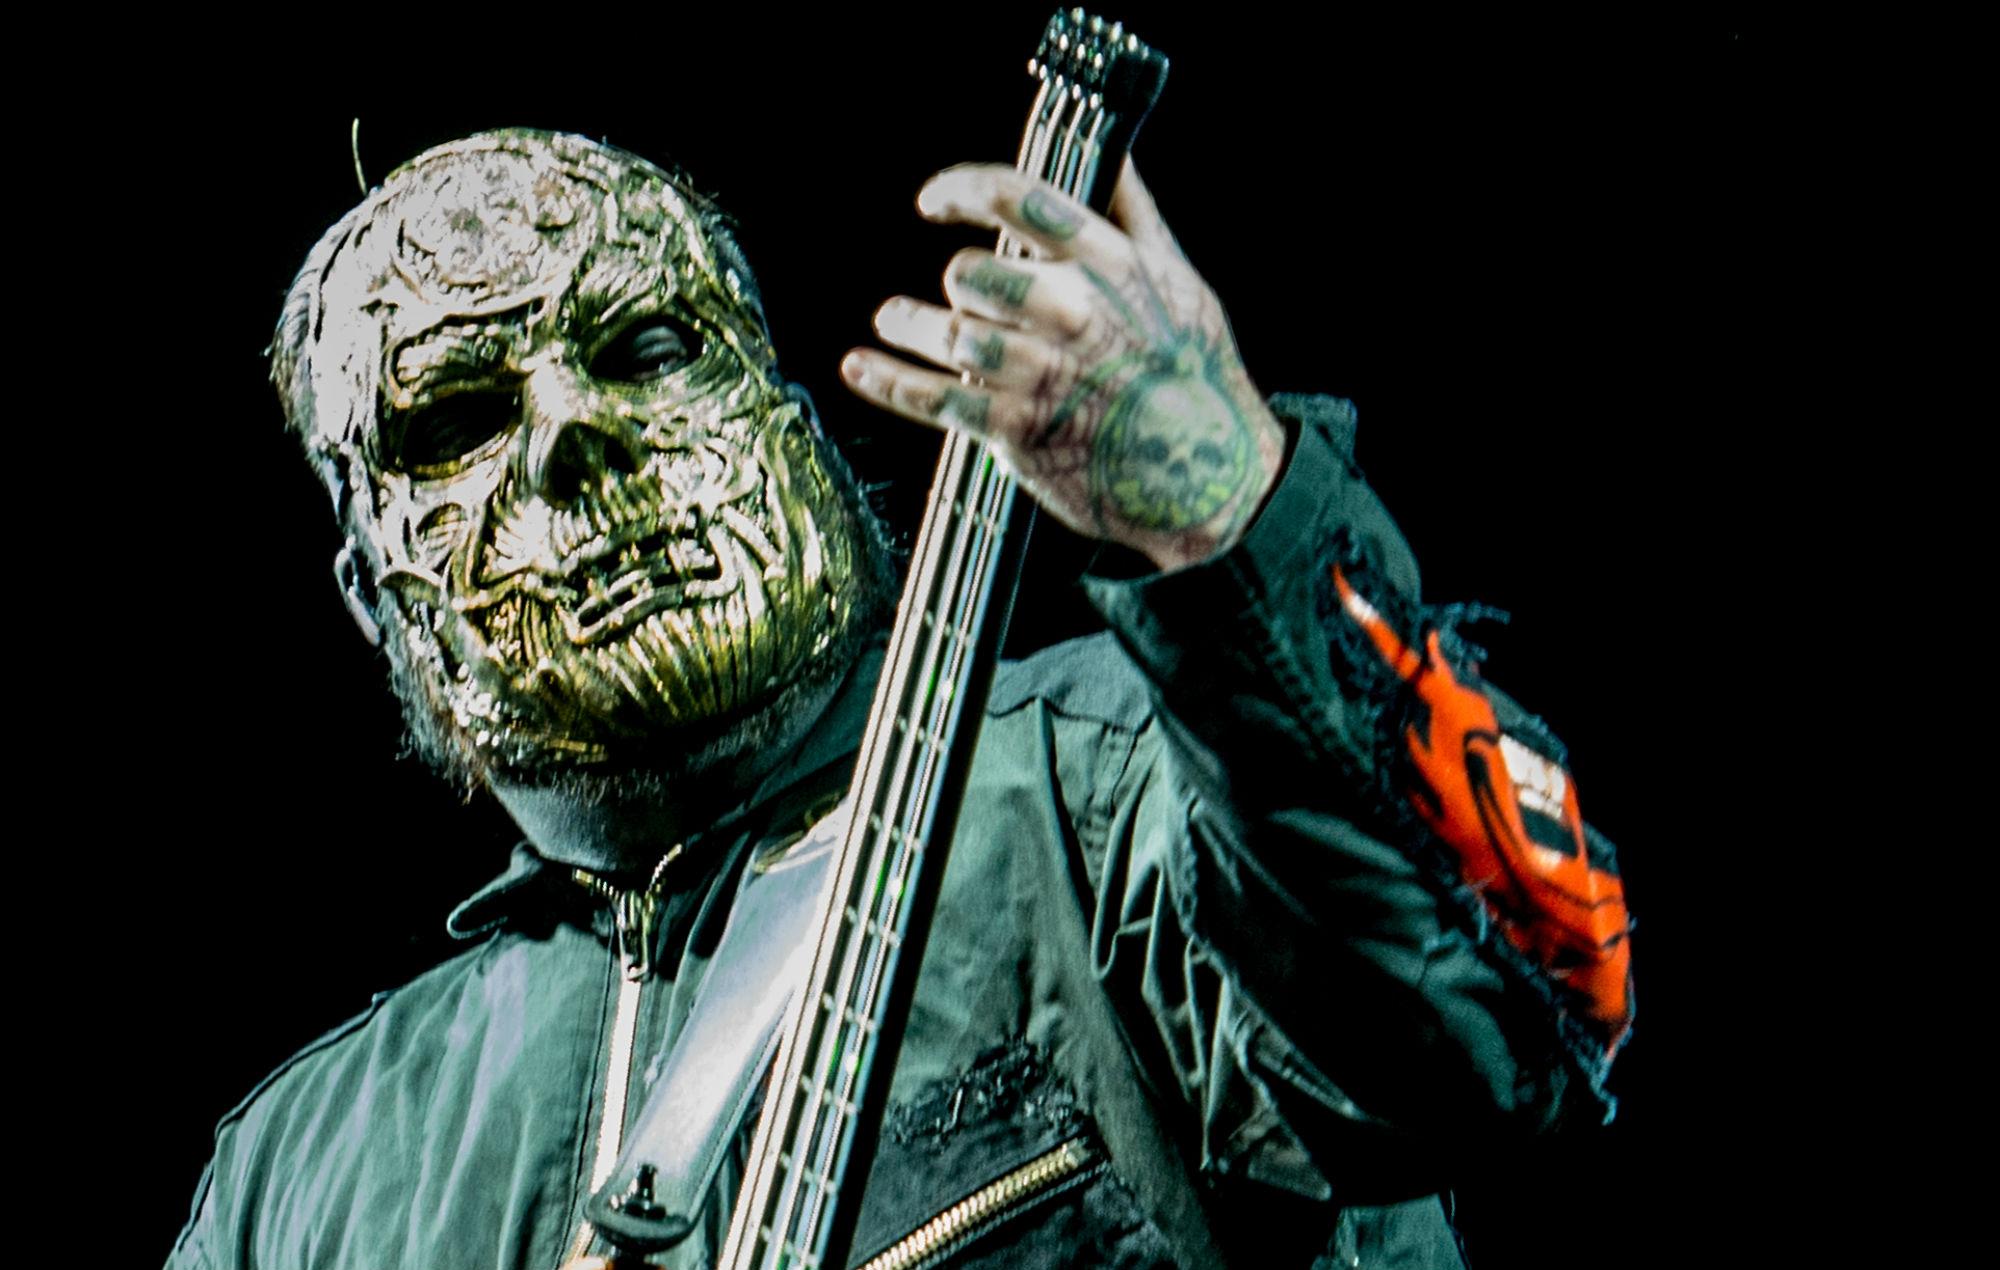 Alessandro 'VMan' Venturella of Slipknot